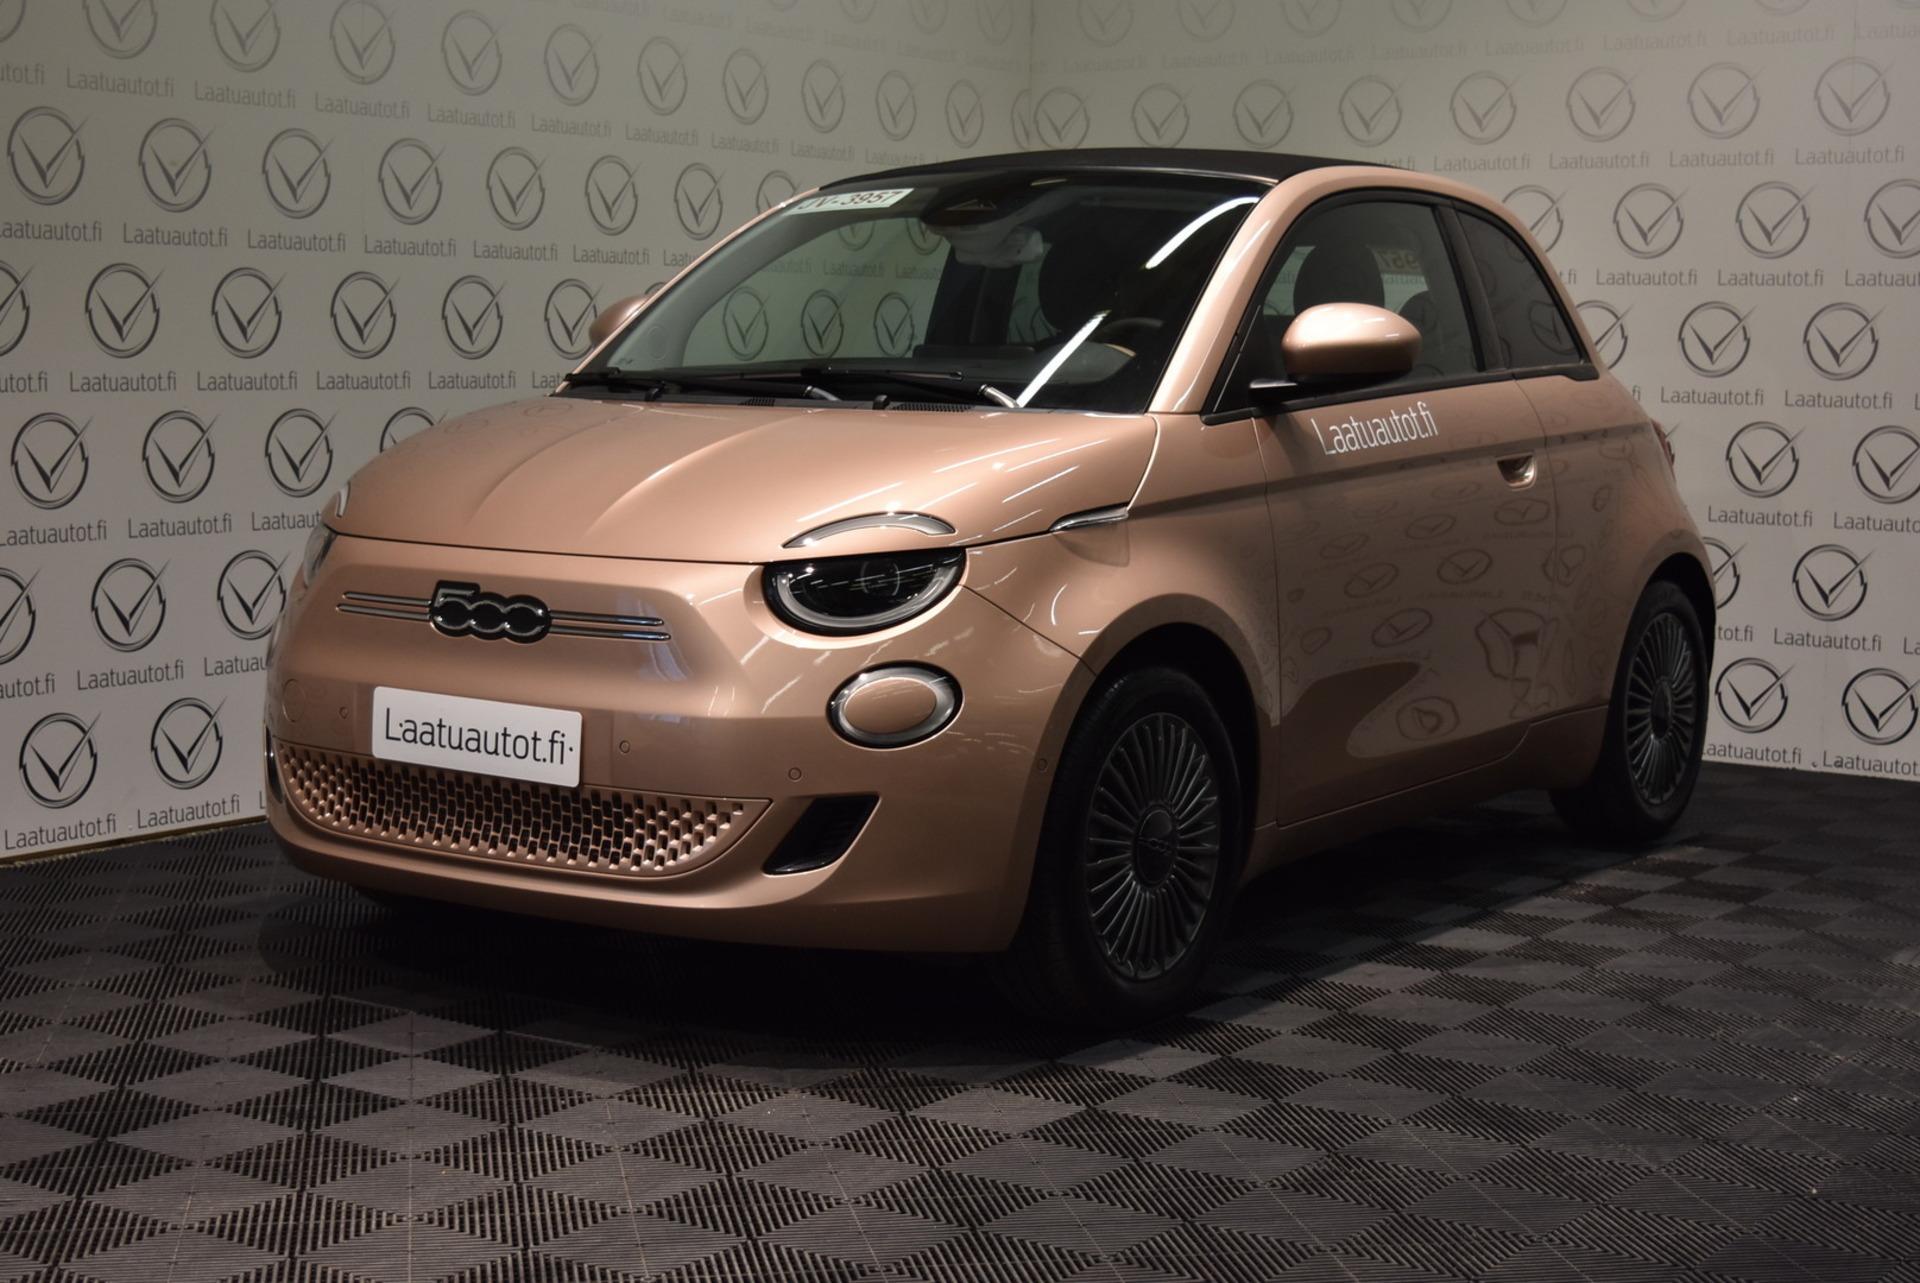 FIAT 500E Icon Cabrio  118hv 42kWh Launch Pack - Nyt meiltä uusi Fiat 500e täyssähköauto myynnissä ja koeajettavissa!! Mallisto alkaen 31.990? + toimituskulut 600?. Korko: 1, 89% + kulut! Jopa ilman käsirahaa!